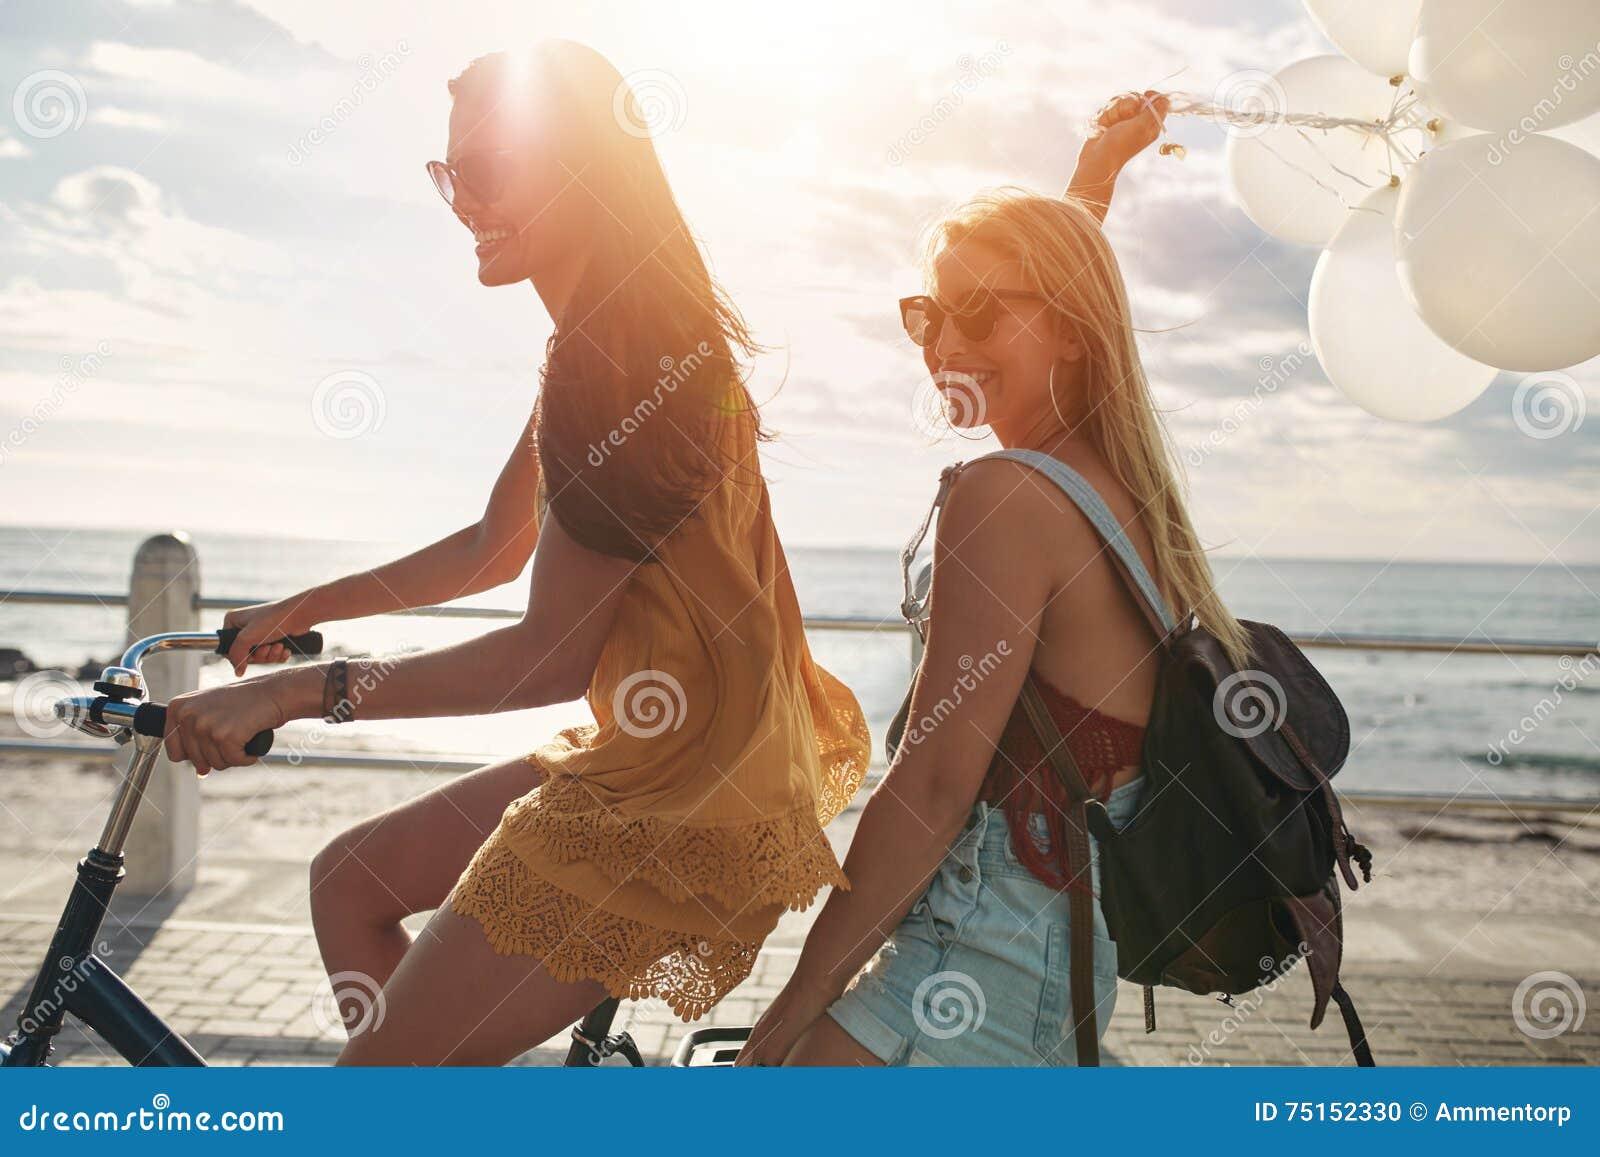 Ευτυχείς νέες γυναίκες στο ποδήλατο μαζί με τα μπαλόνια